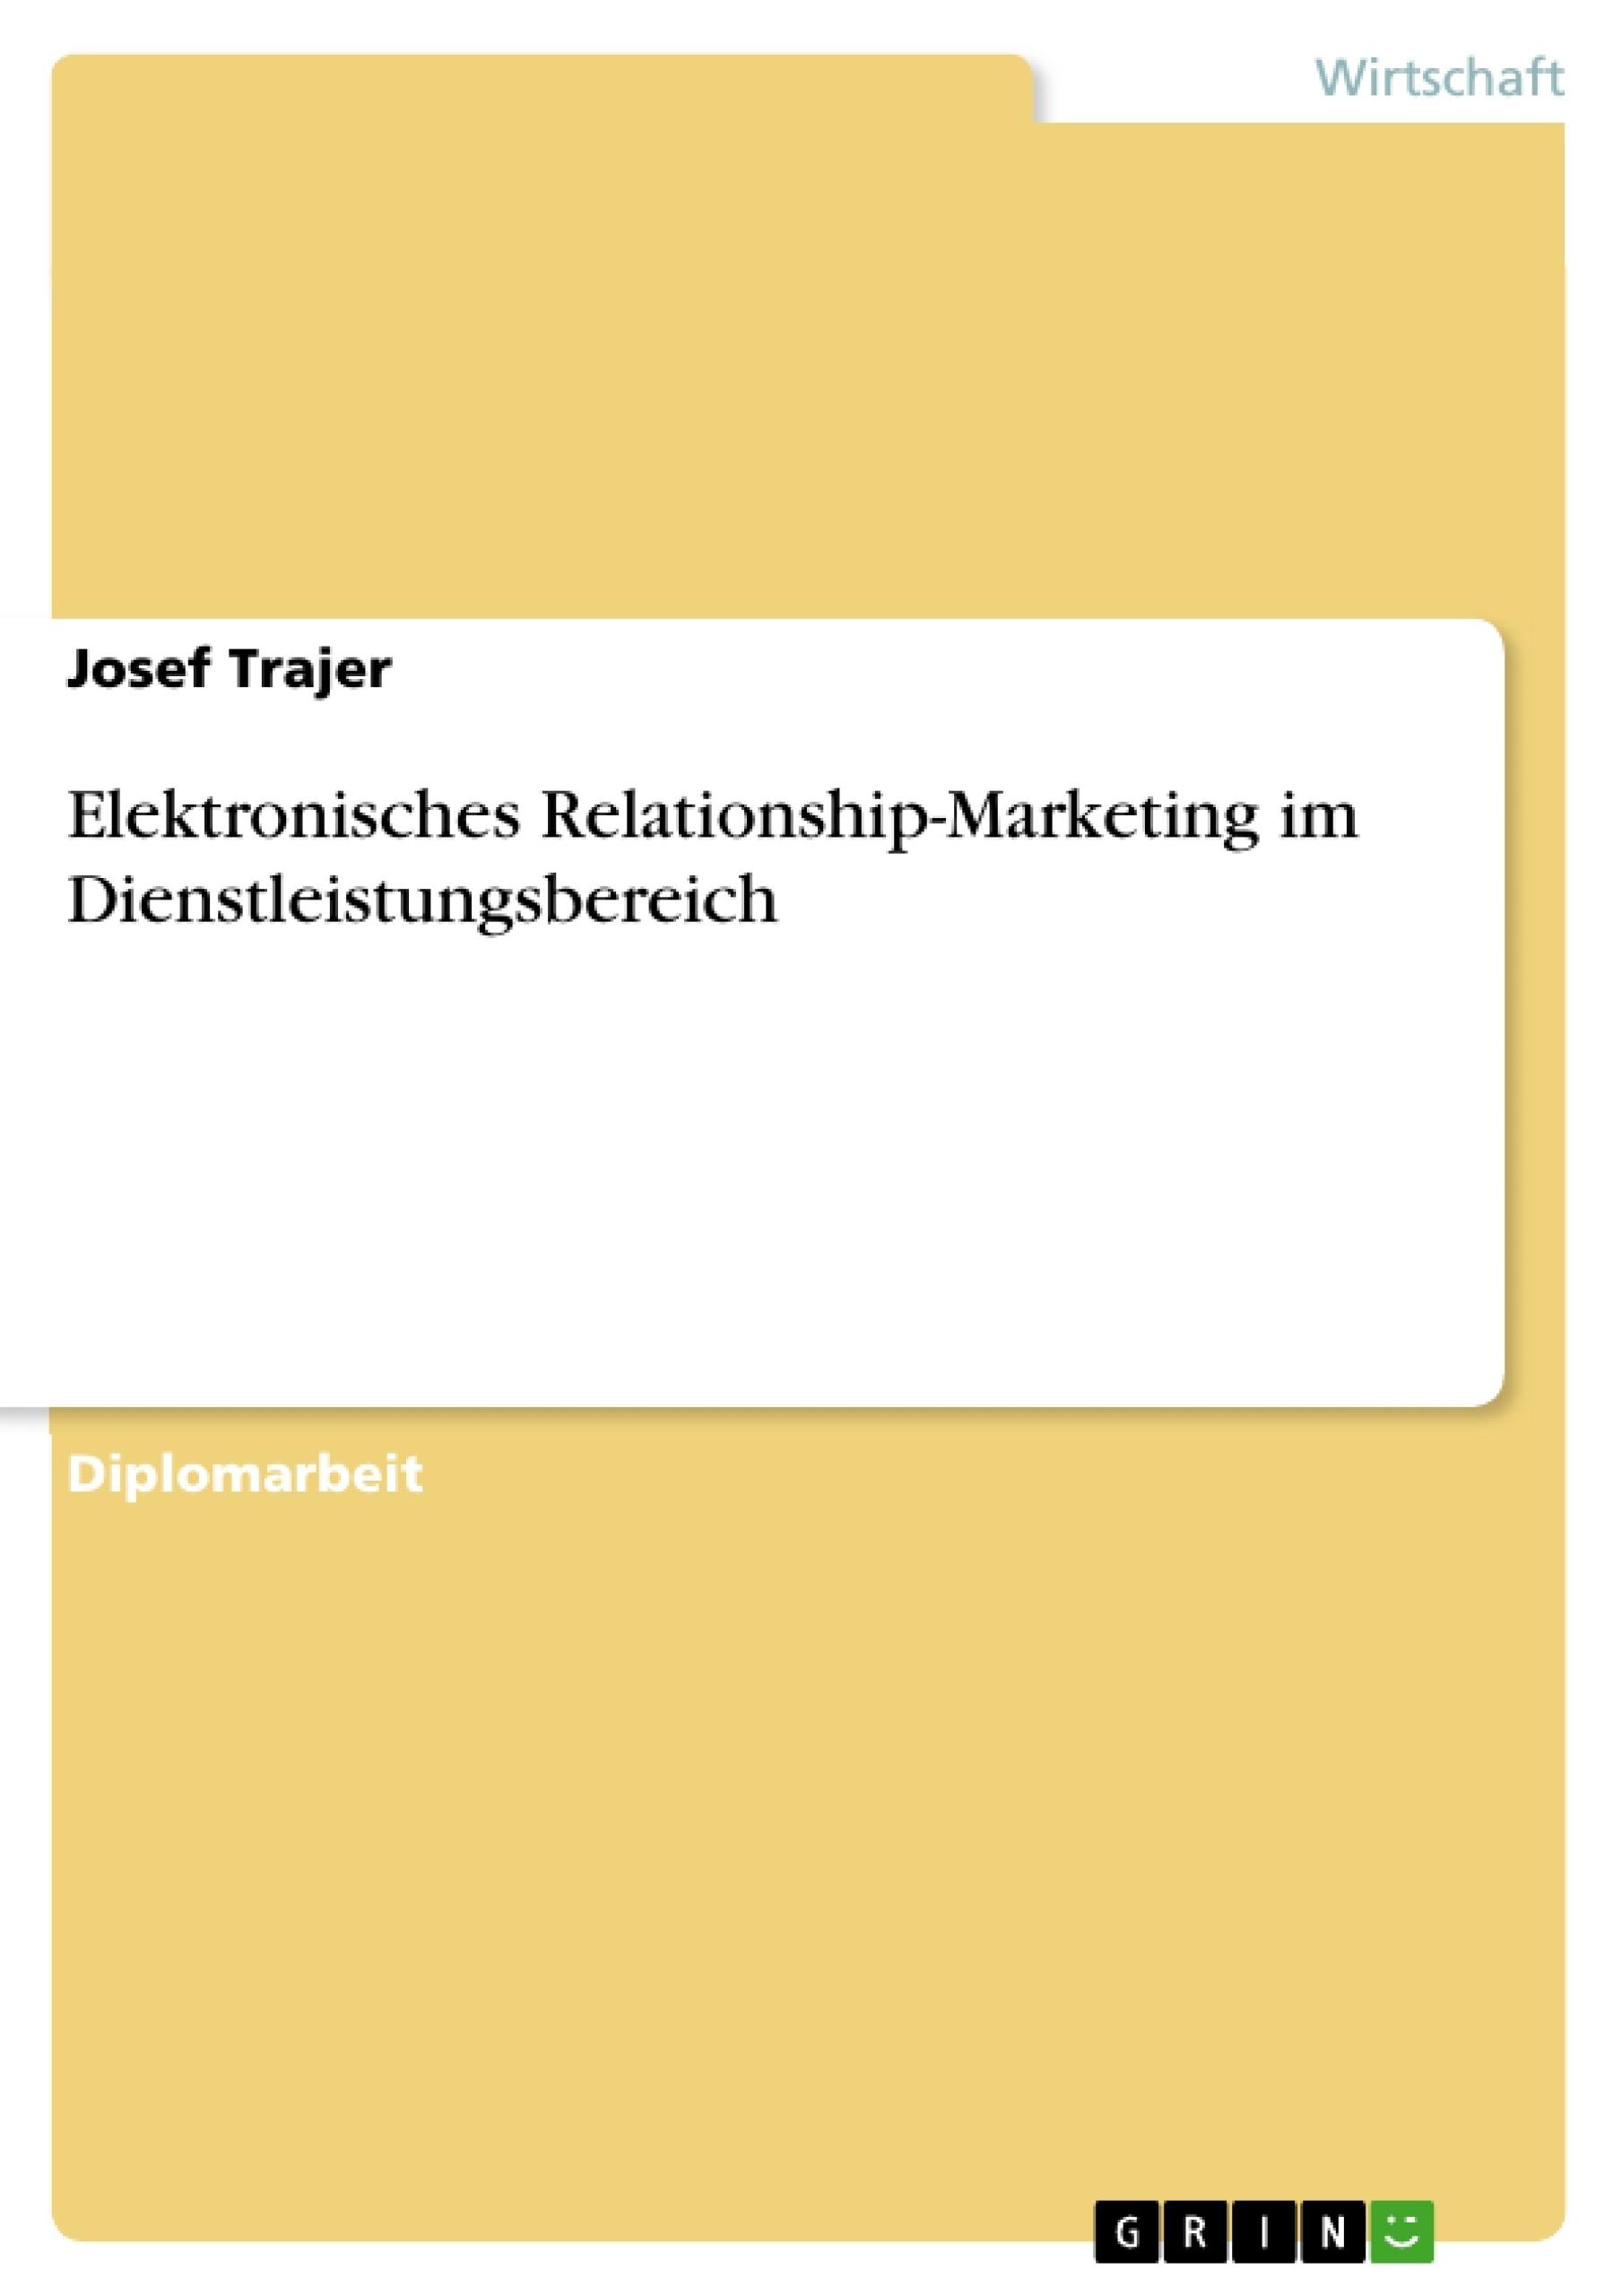 Titel: Elektronisches Relationship-Marketing im Dienstleistungsbereich